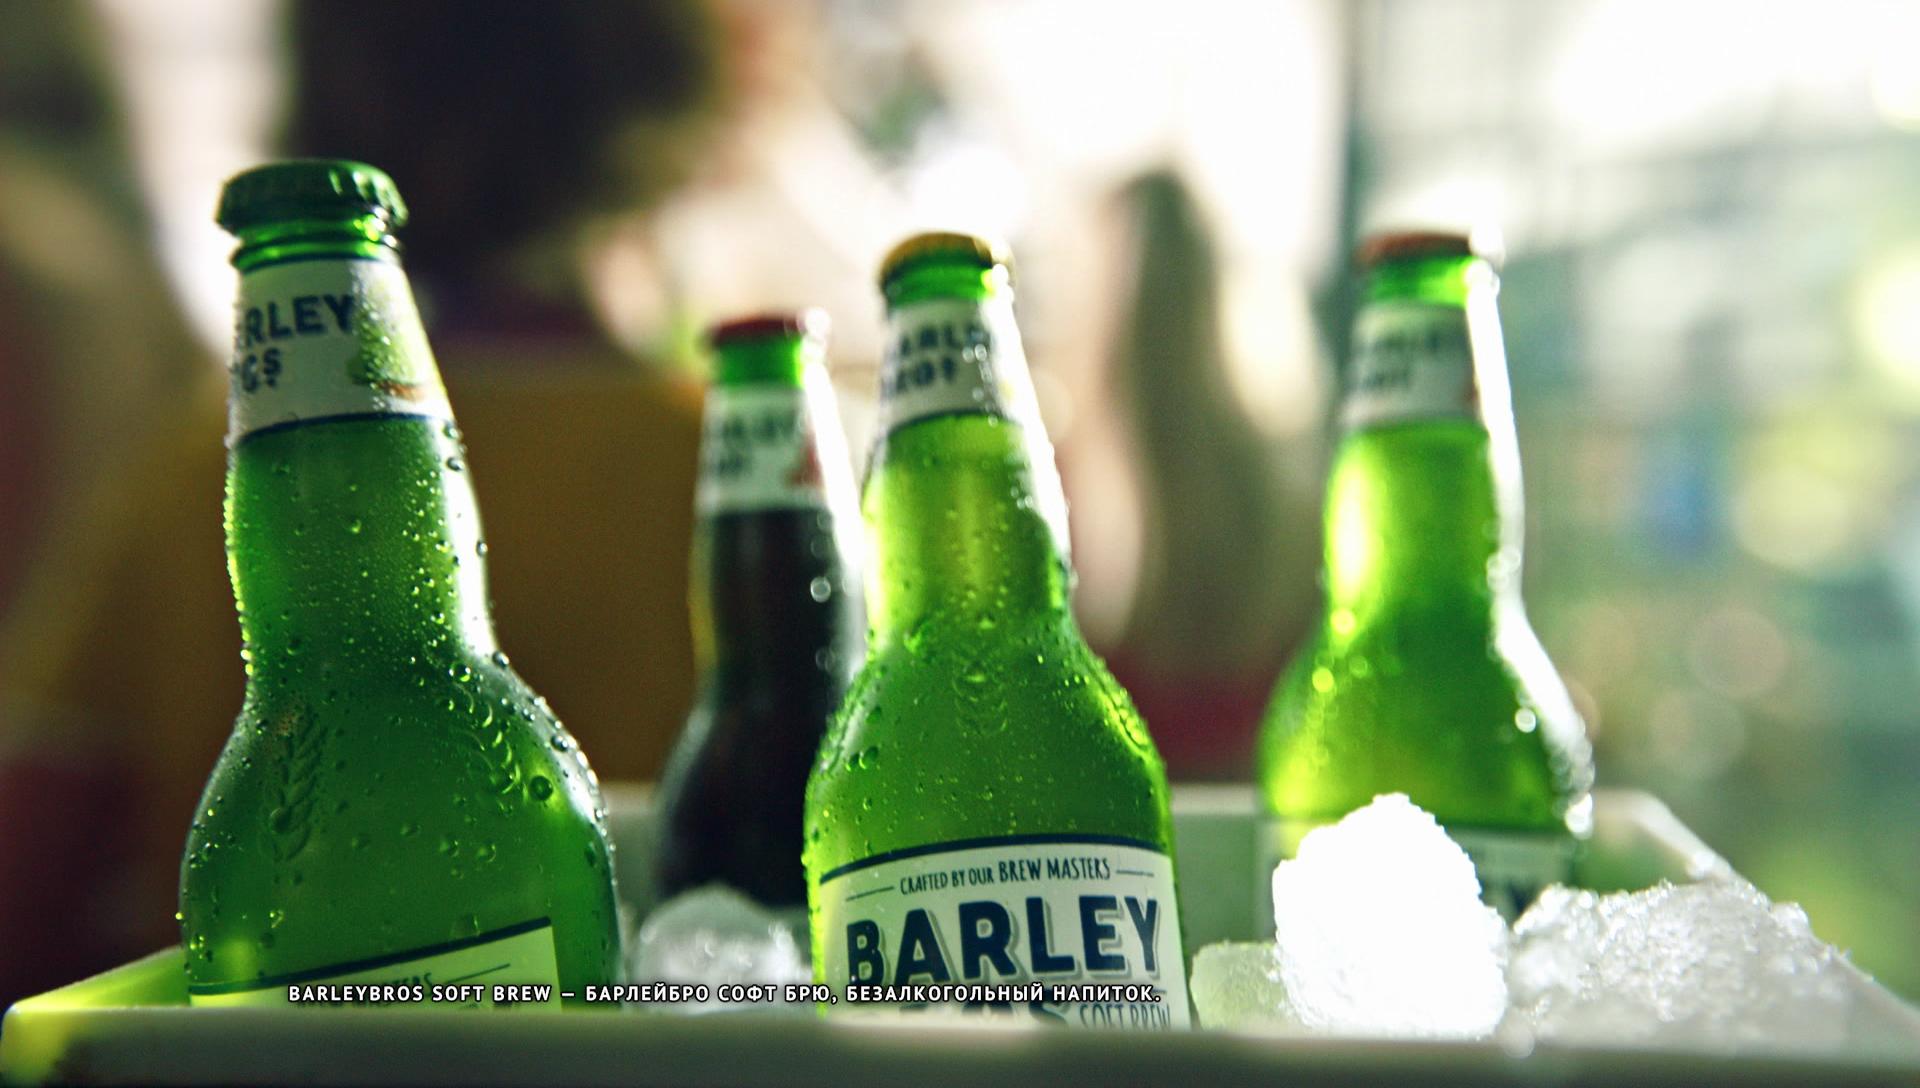 Barley Bros — It comes naturally